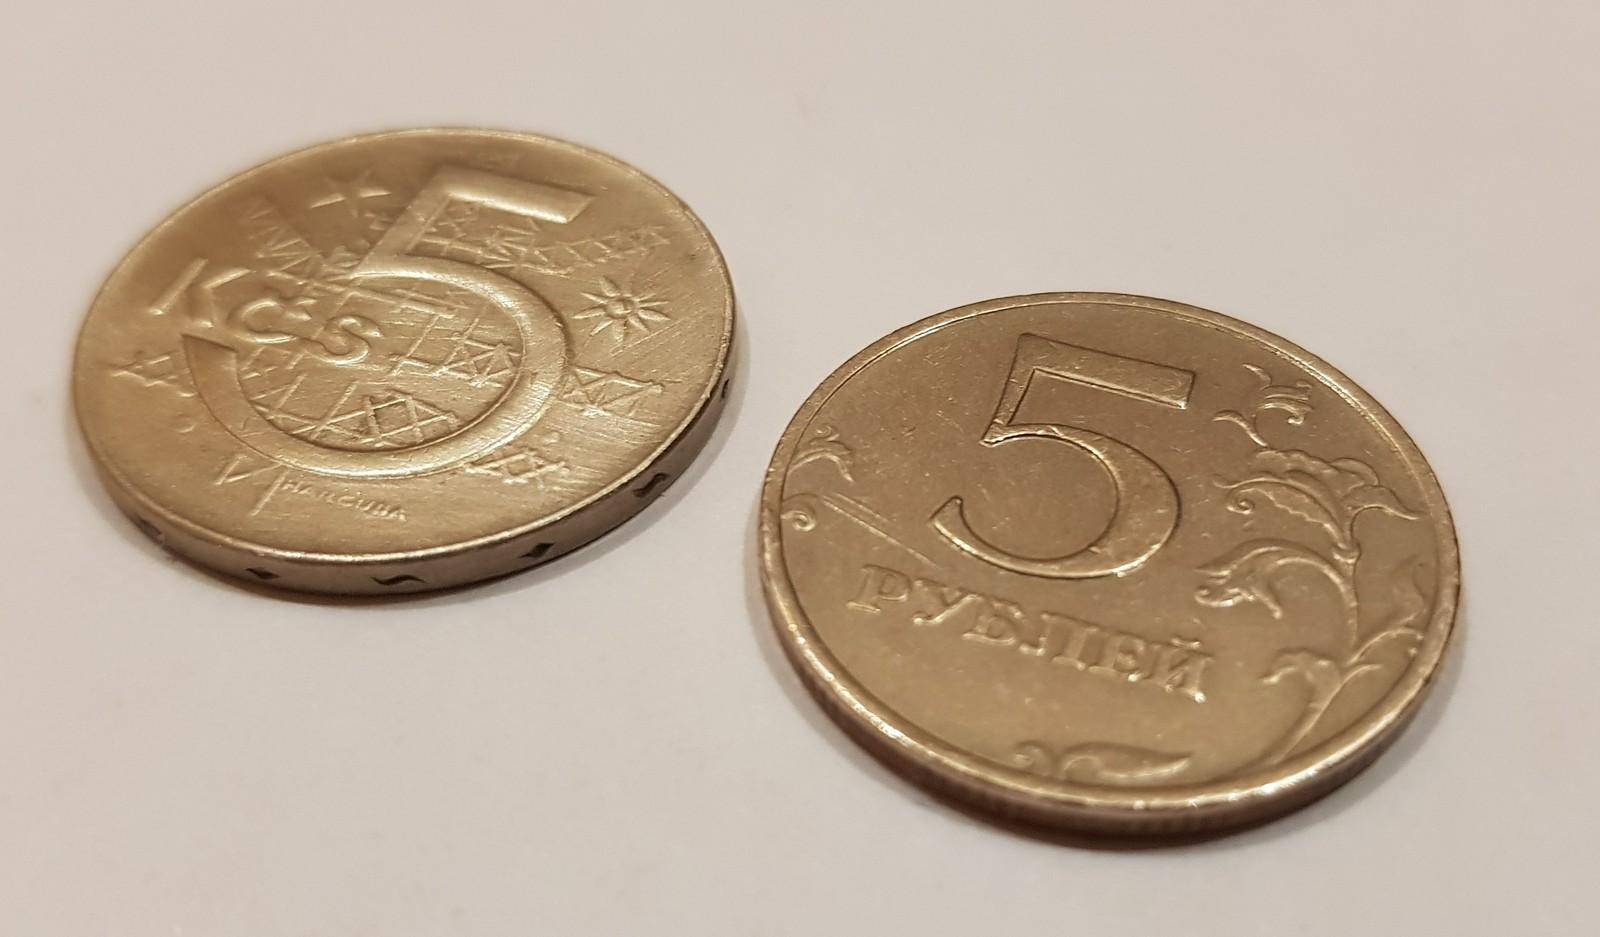 Что делать с монетками из макдональдс http bonus fix price ru регистрация